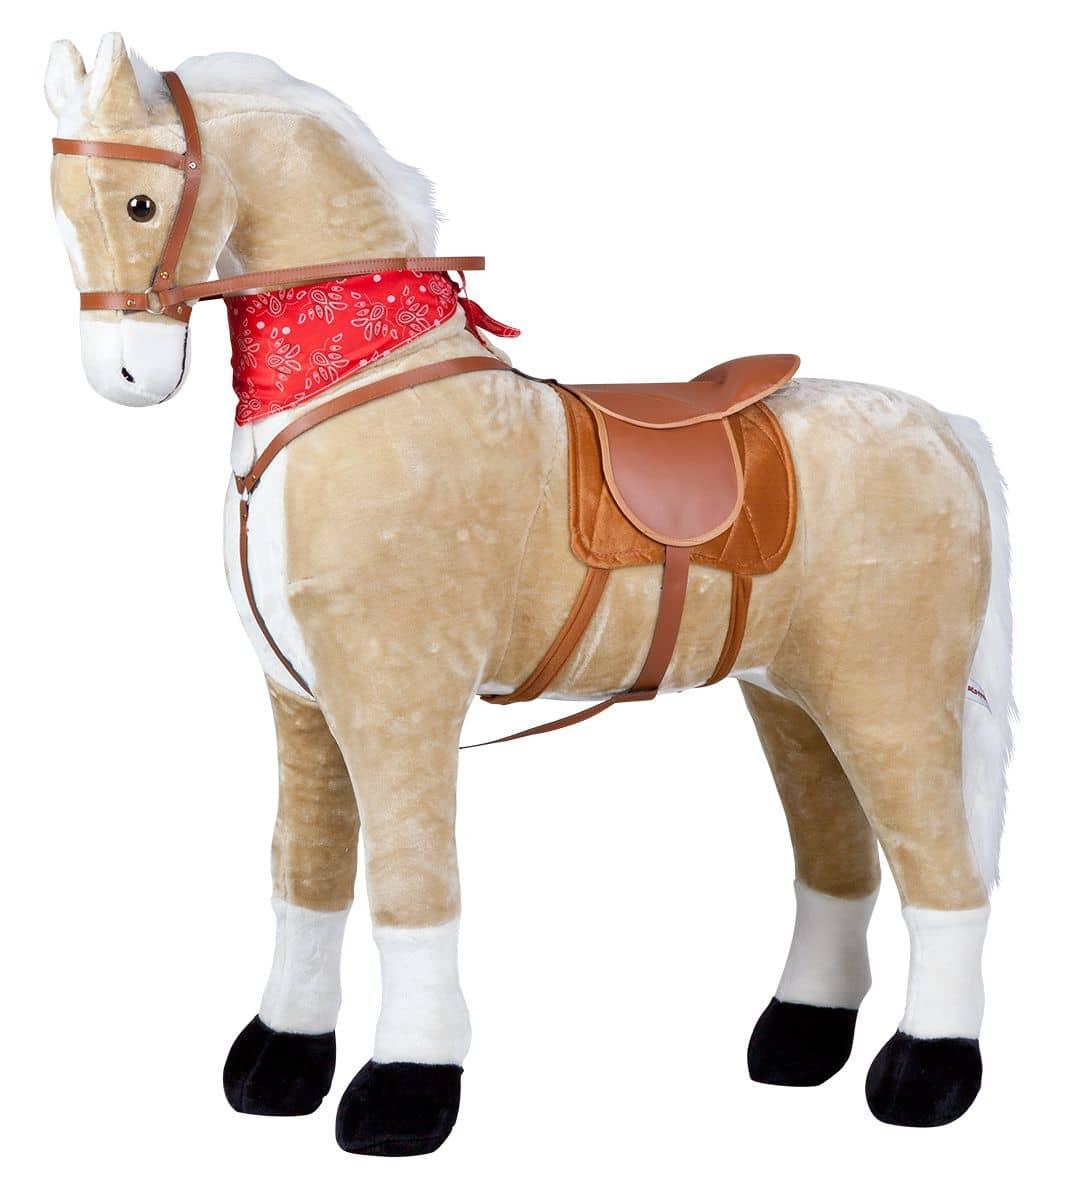 Pferd Plüsch Reiten Plüsch Pferd Beige Stehend 115